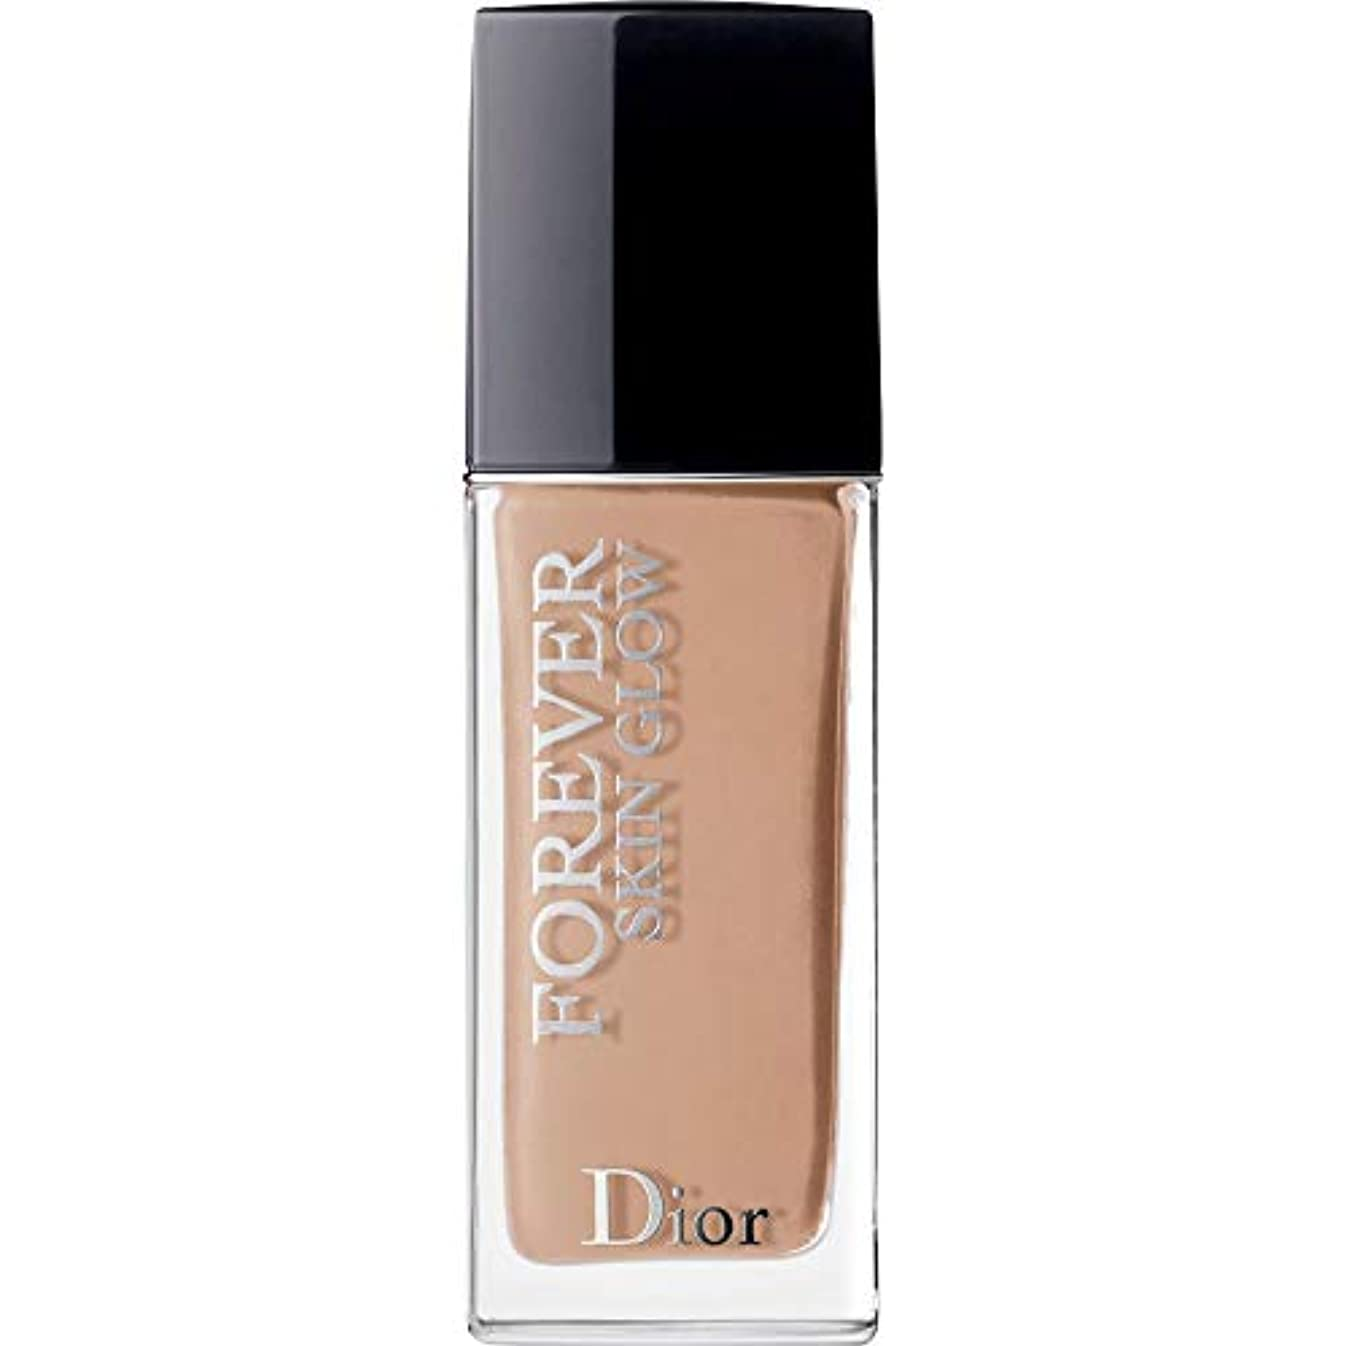 訴える童謡建てる[Dior ] ディオール永遠に皮膚グロー皮膚思いやりの基礎Spf35 30ミリリットル4Cを - クール(肌の輝き) - DIOR Forever Skin Glow Skin-Caring Foundation SPF35...